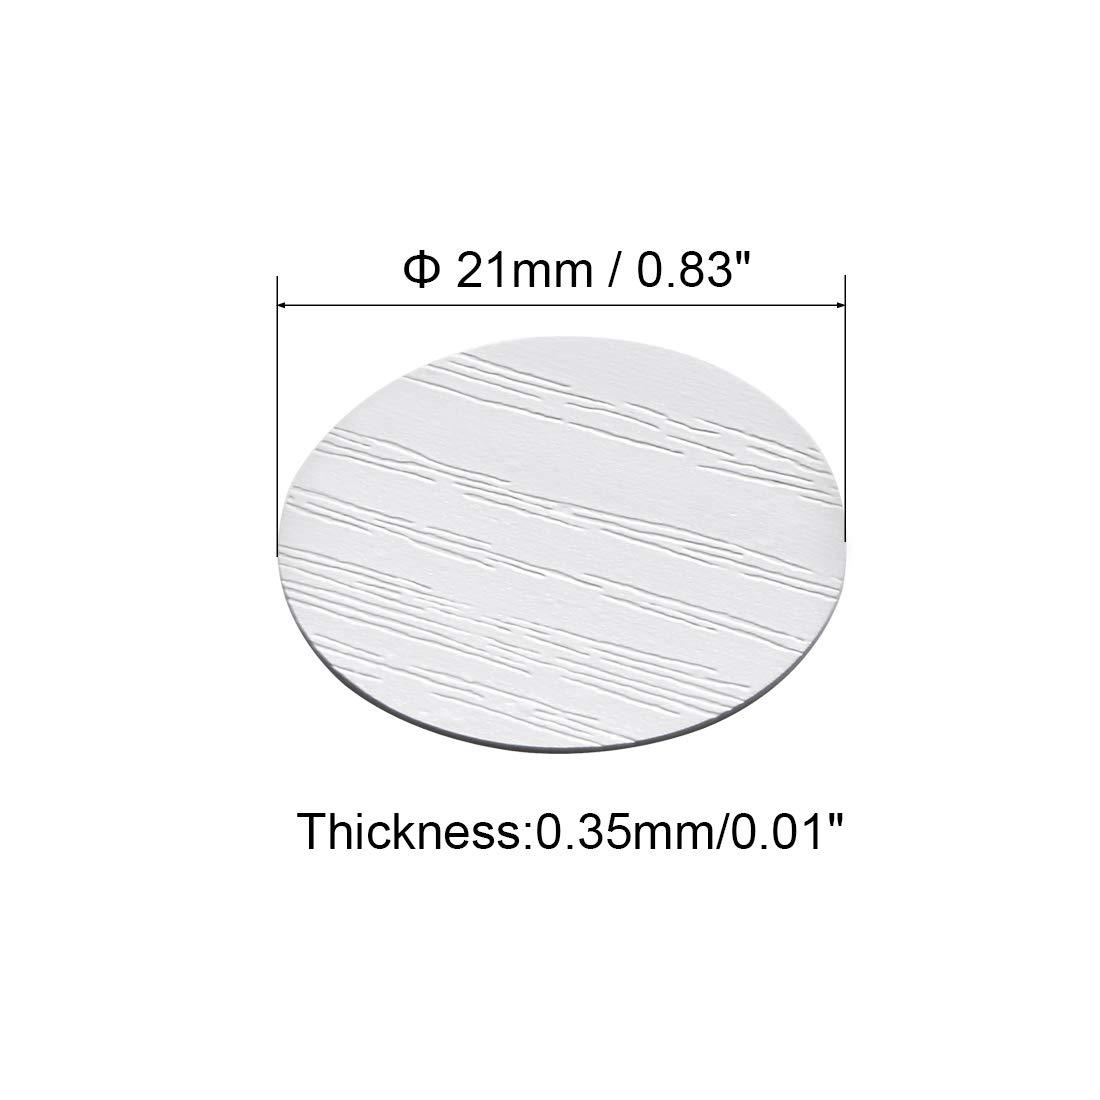 Pegatinas autoadhesivas para agujeros de tornillos Sourcingmap 1 21 mm 3 tapas de tornillos autoadhesivas a prueba de polvo madera de cerezo 54 en 1